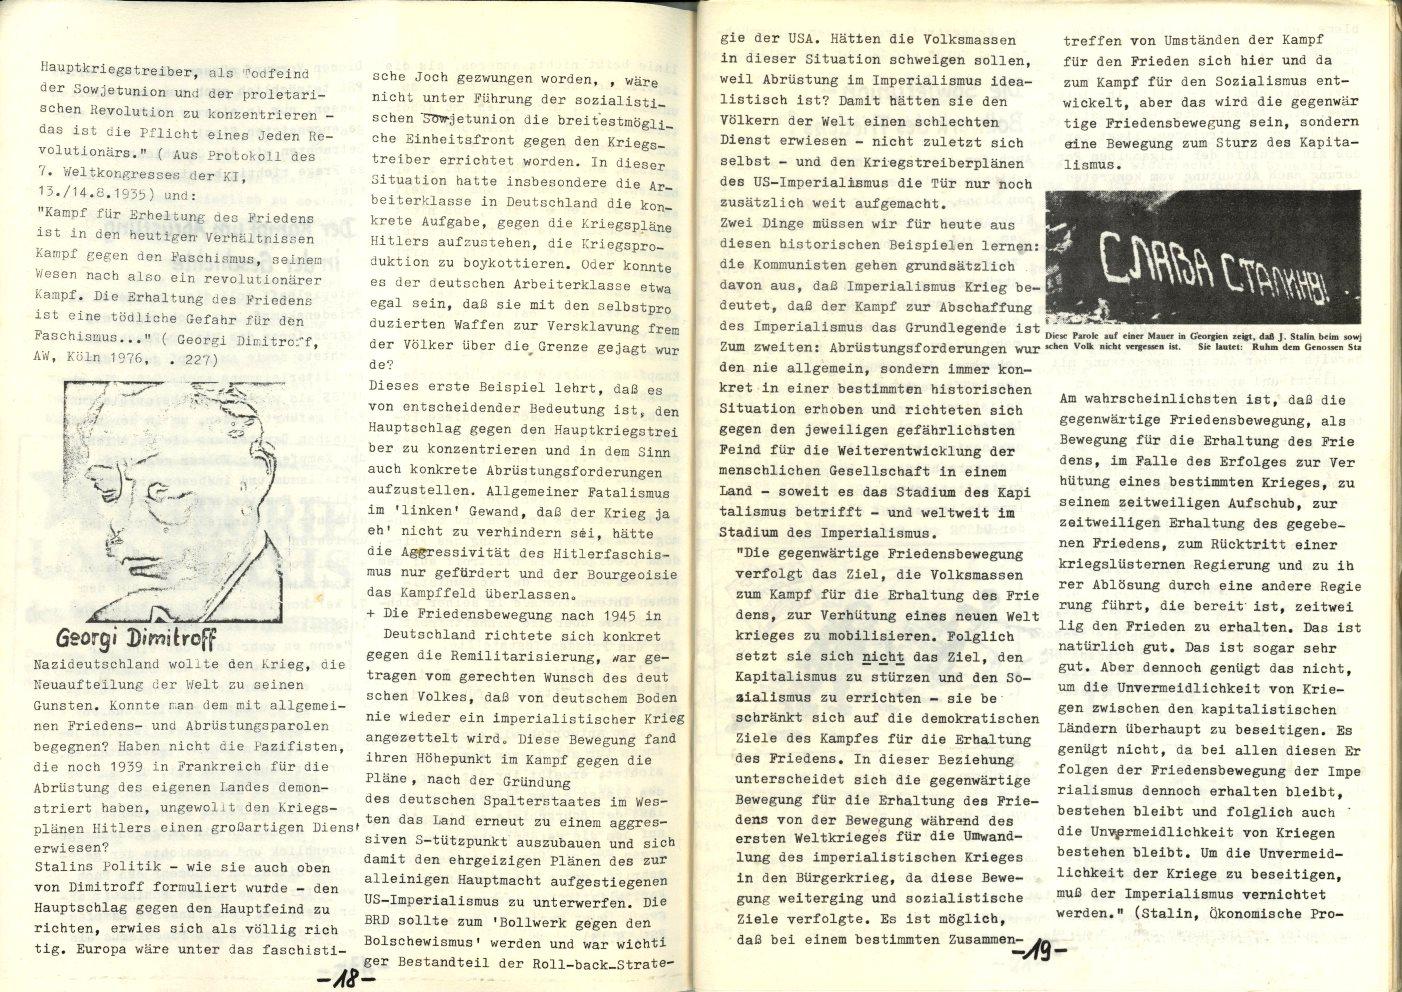 NRW_KSV_1977_Doku_zu_den_AStA_Wahlen_Nr_2_10